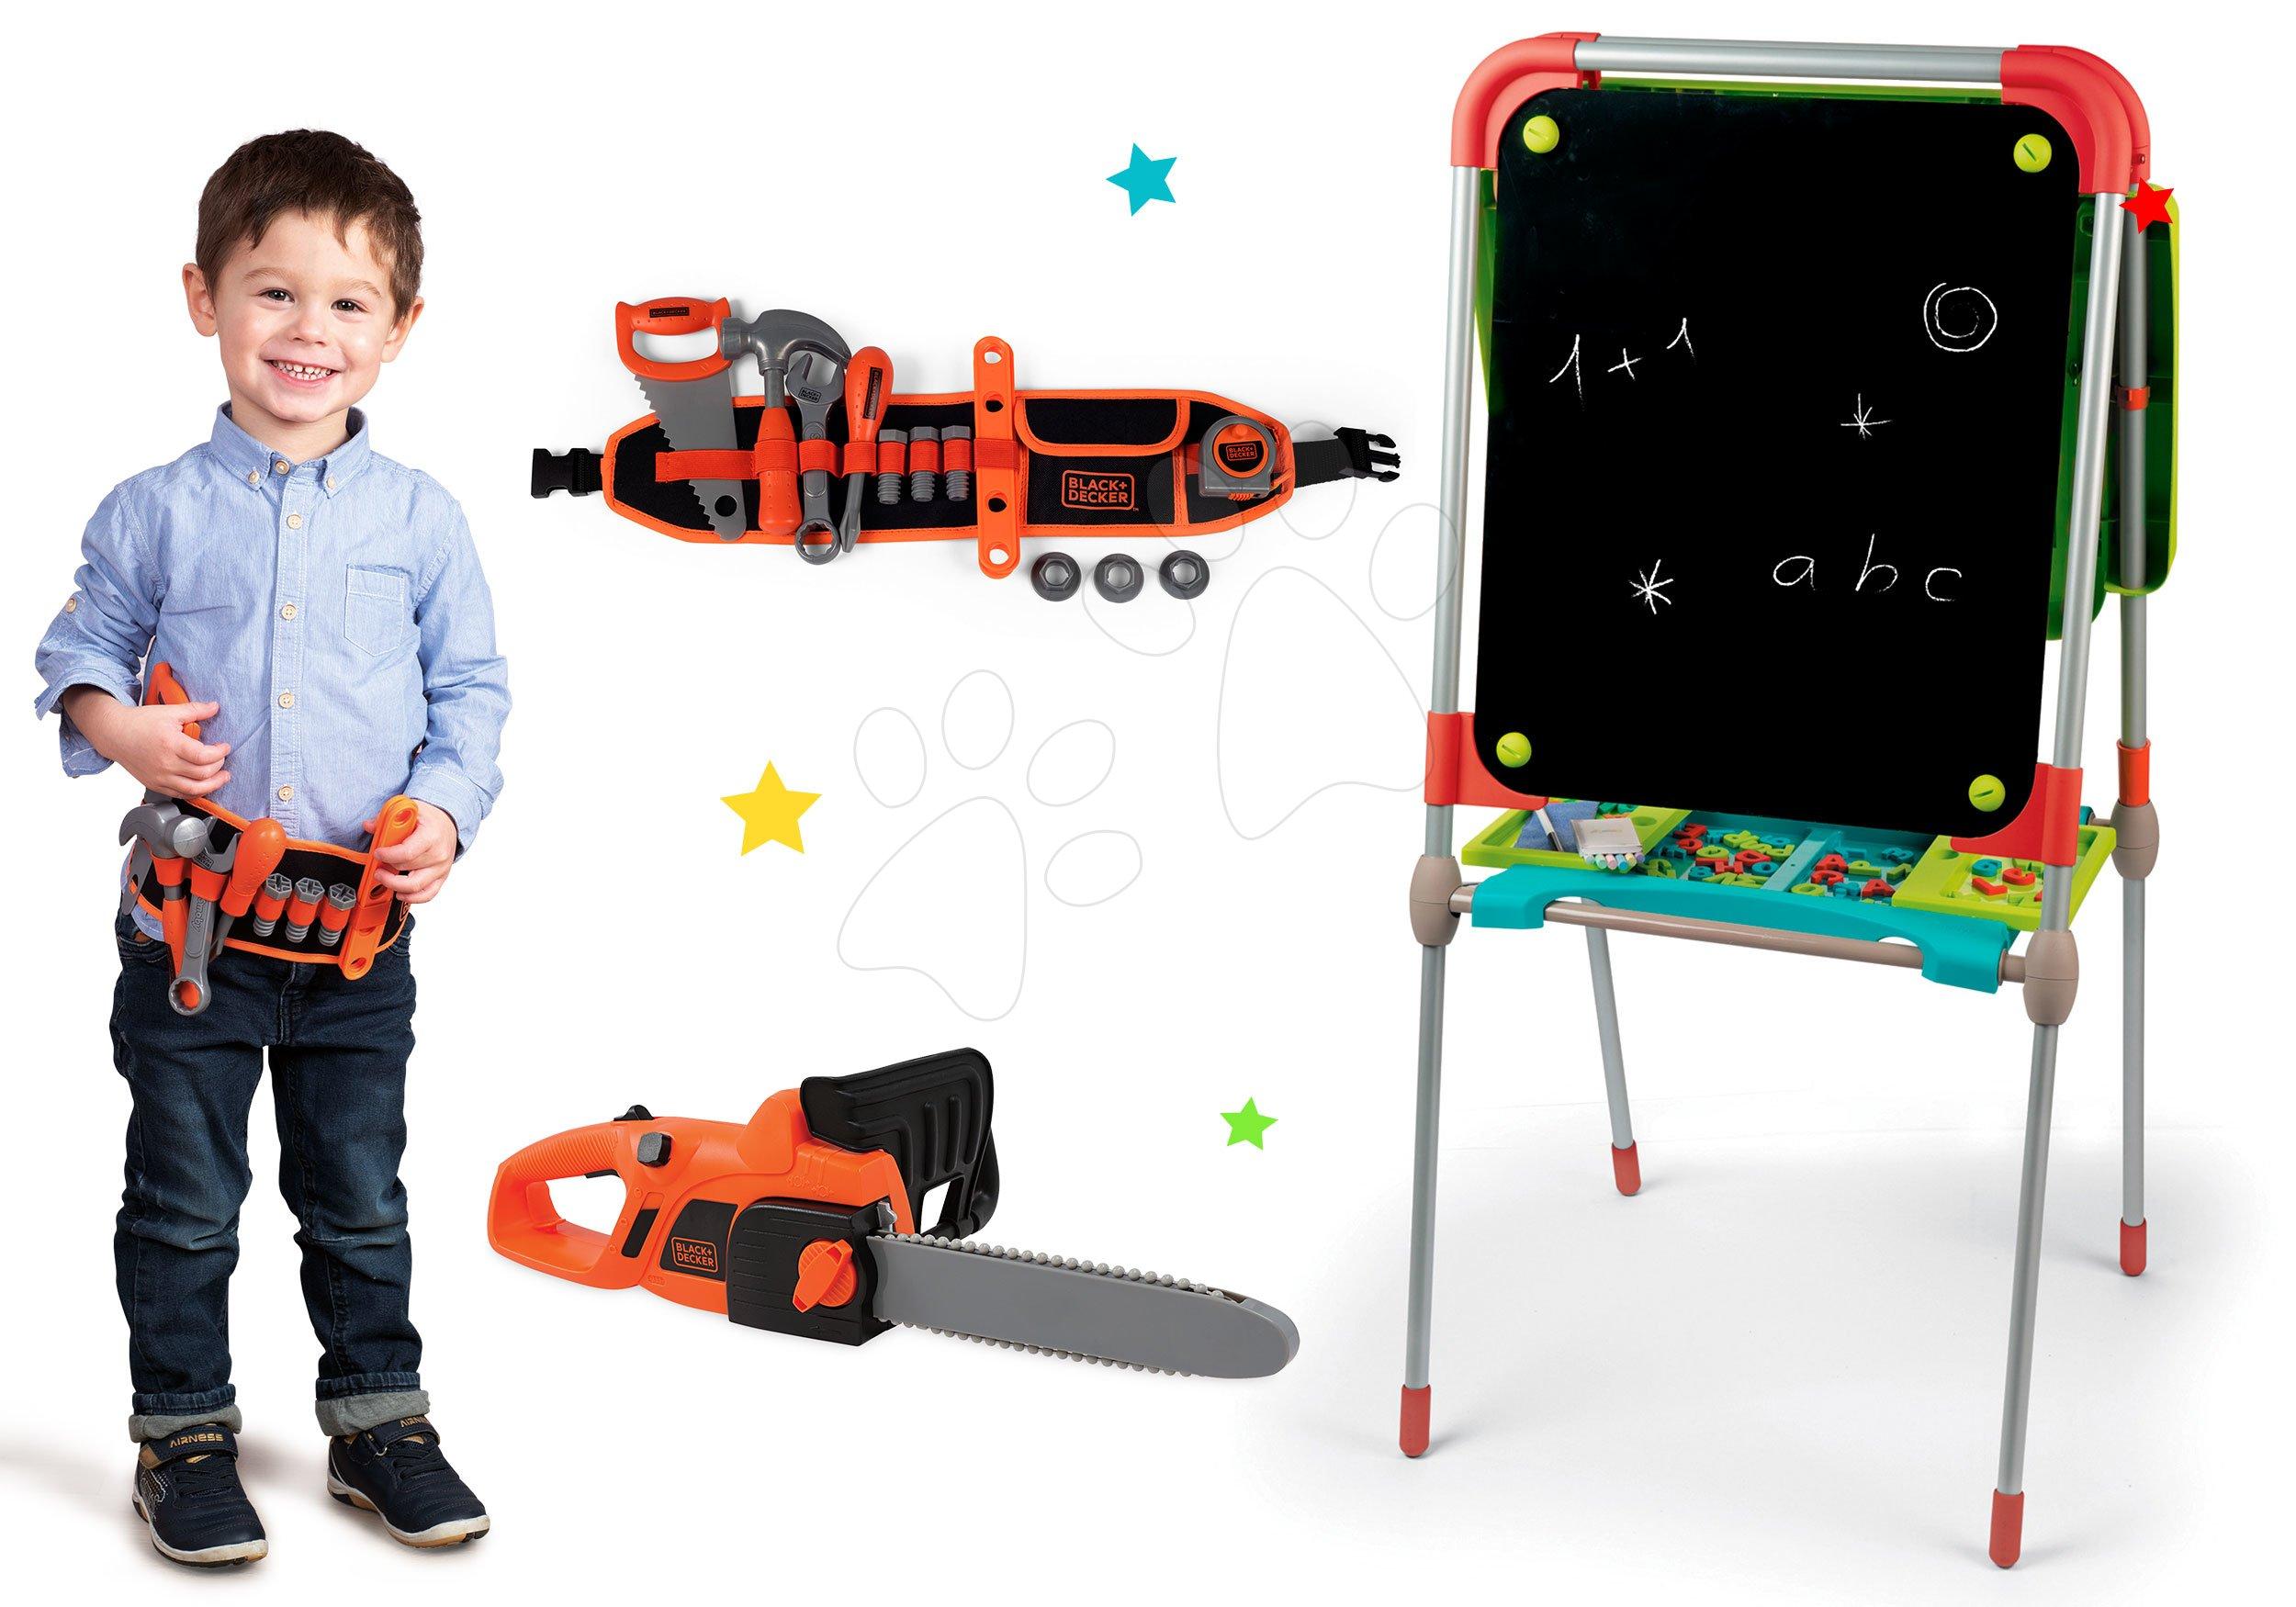 Tabule a lavice sety - Magnetická tabuľa Smoby obojstranná s kovovou konštrukciou, 80 doplnkami a pracovný opasok a motorová píla